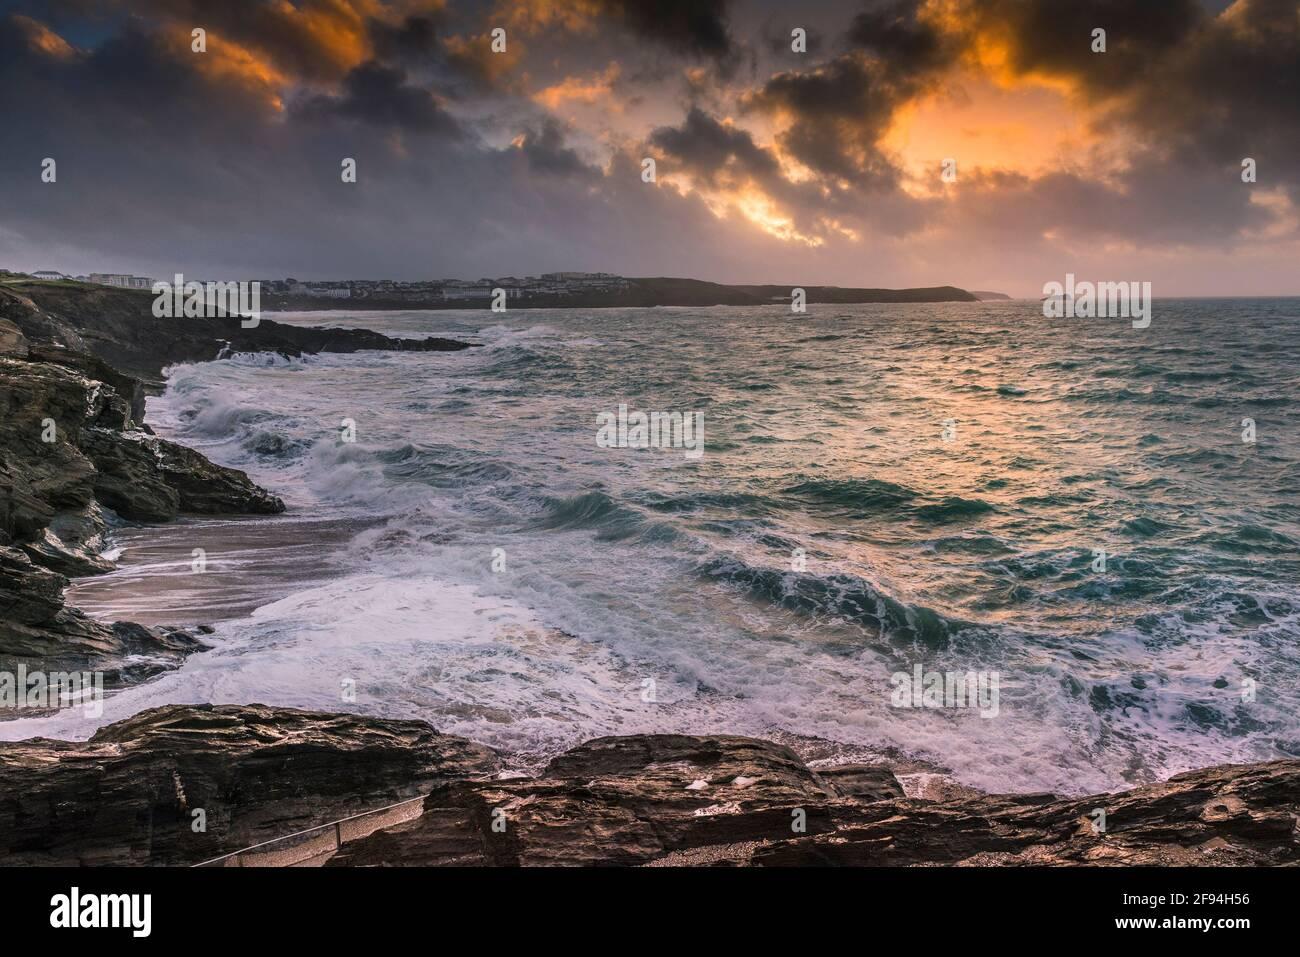 Un spectaculaire coucher de soleil de Cornouailles au-dessus de la baie de Fistral à Newquay. Banque D'Images